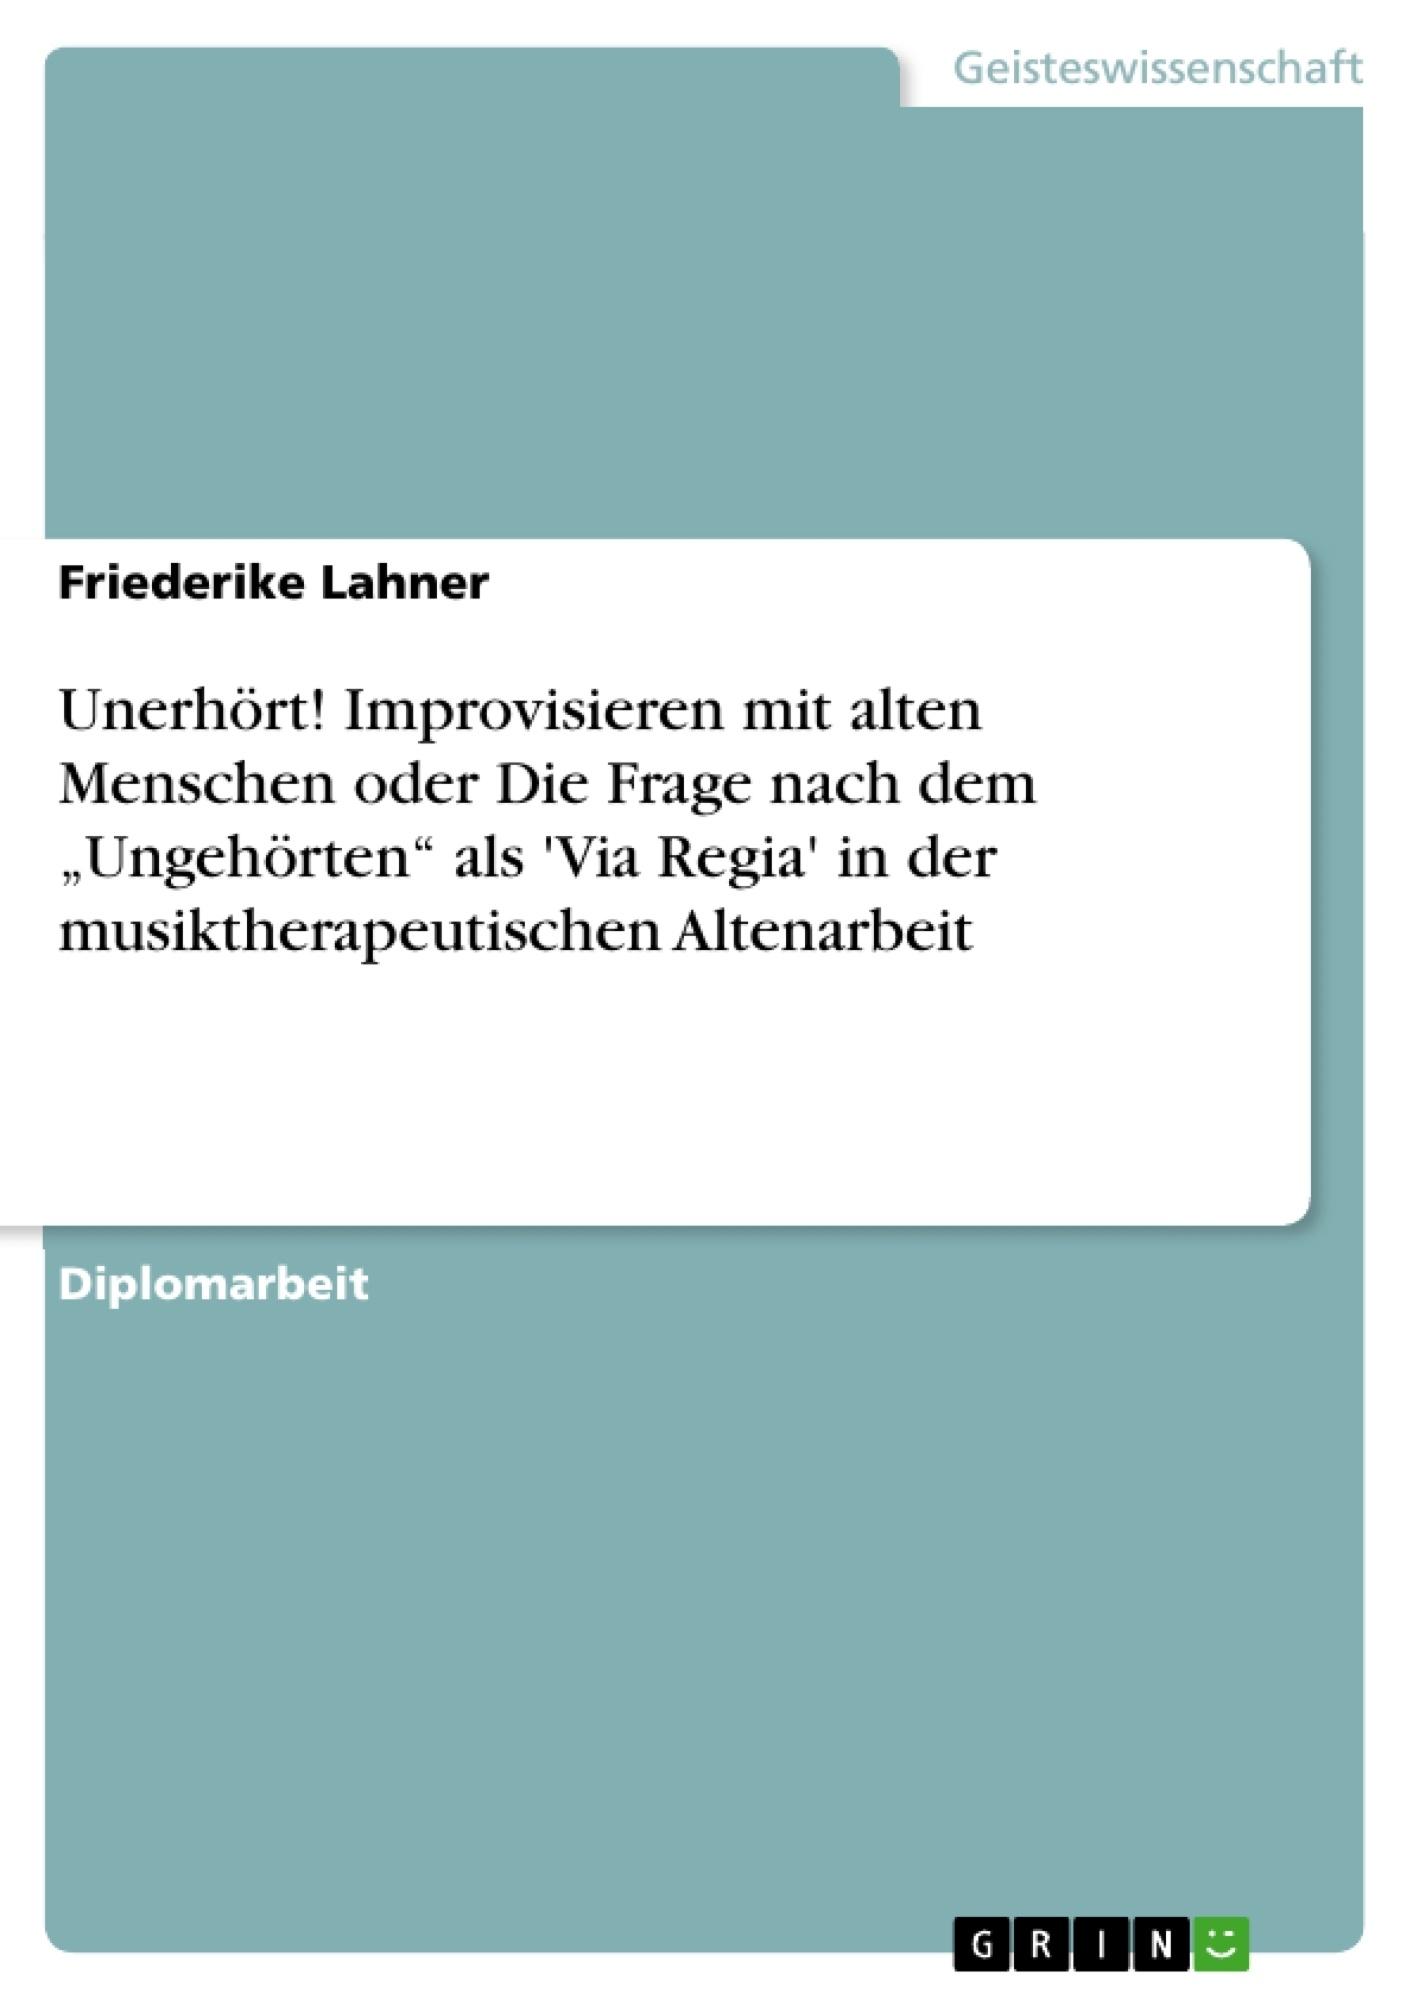 """Titel: Unerhört! Improvisieren mit alten Menschen  oder Die Frage nach dem """"Ungehörten"""" als 'Via Regia' in der musiktherapeutischen Altenarbeit"""